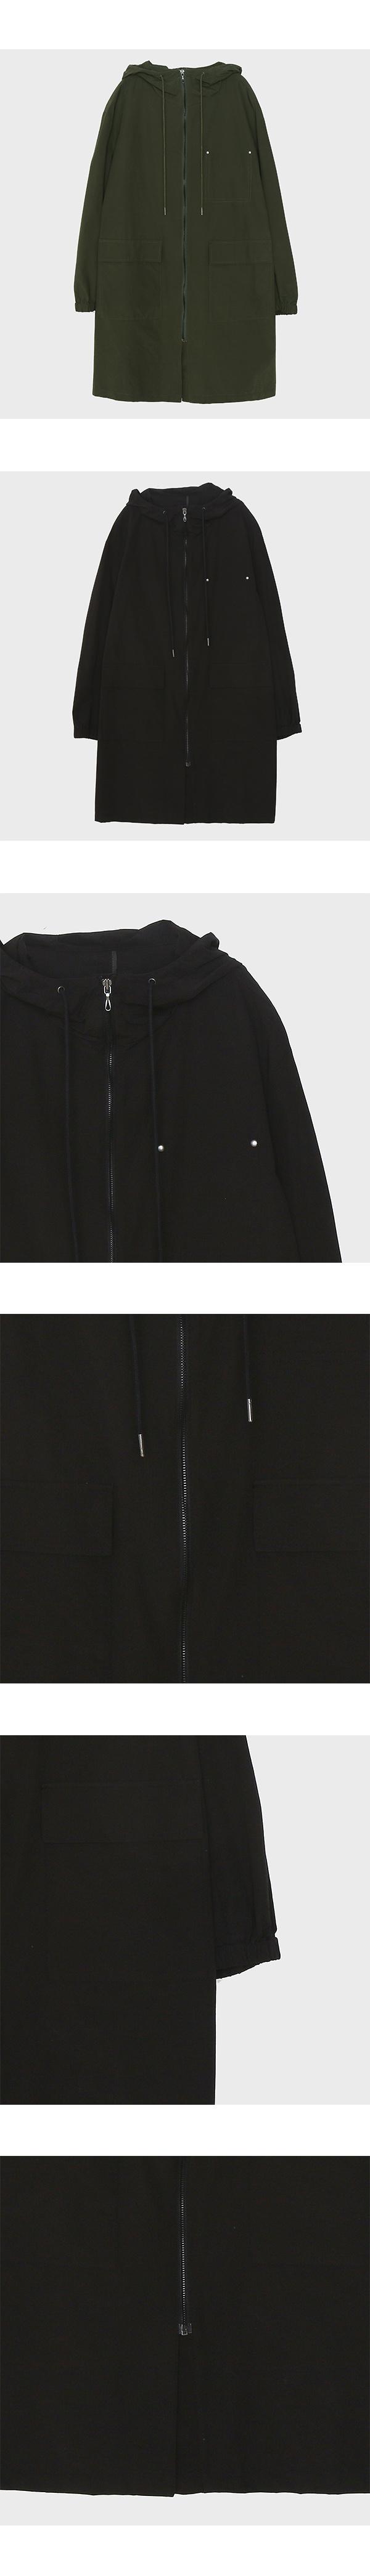 미쏘(MIXXO) 롱 후드형 짚업 점퍼 MIMJJ9404A